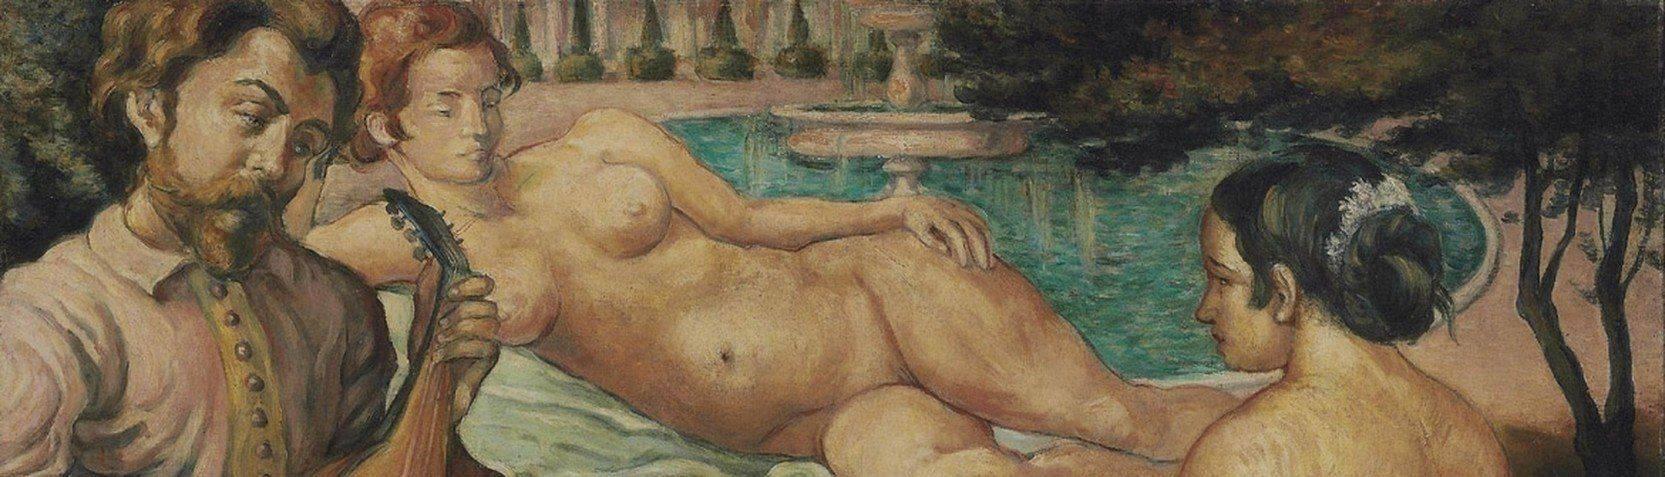 Künstler - Emile Bernard